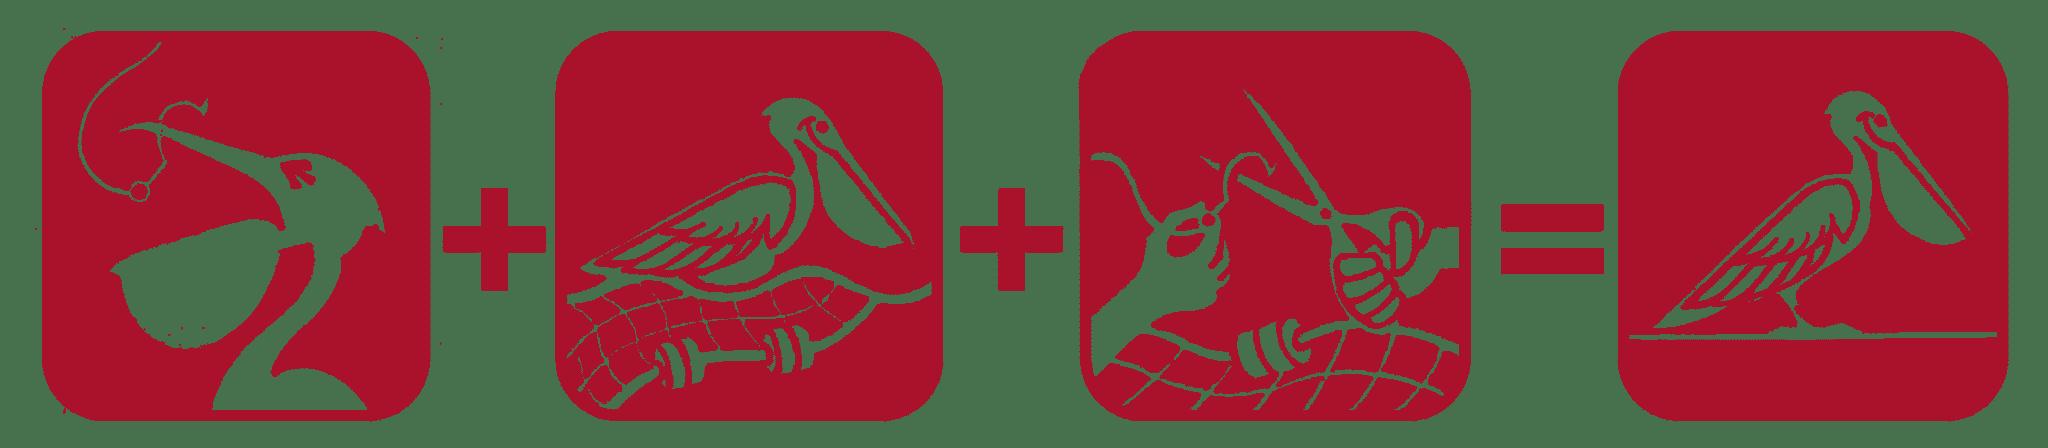 Pelican Icons2